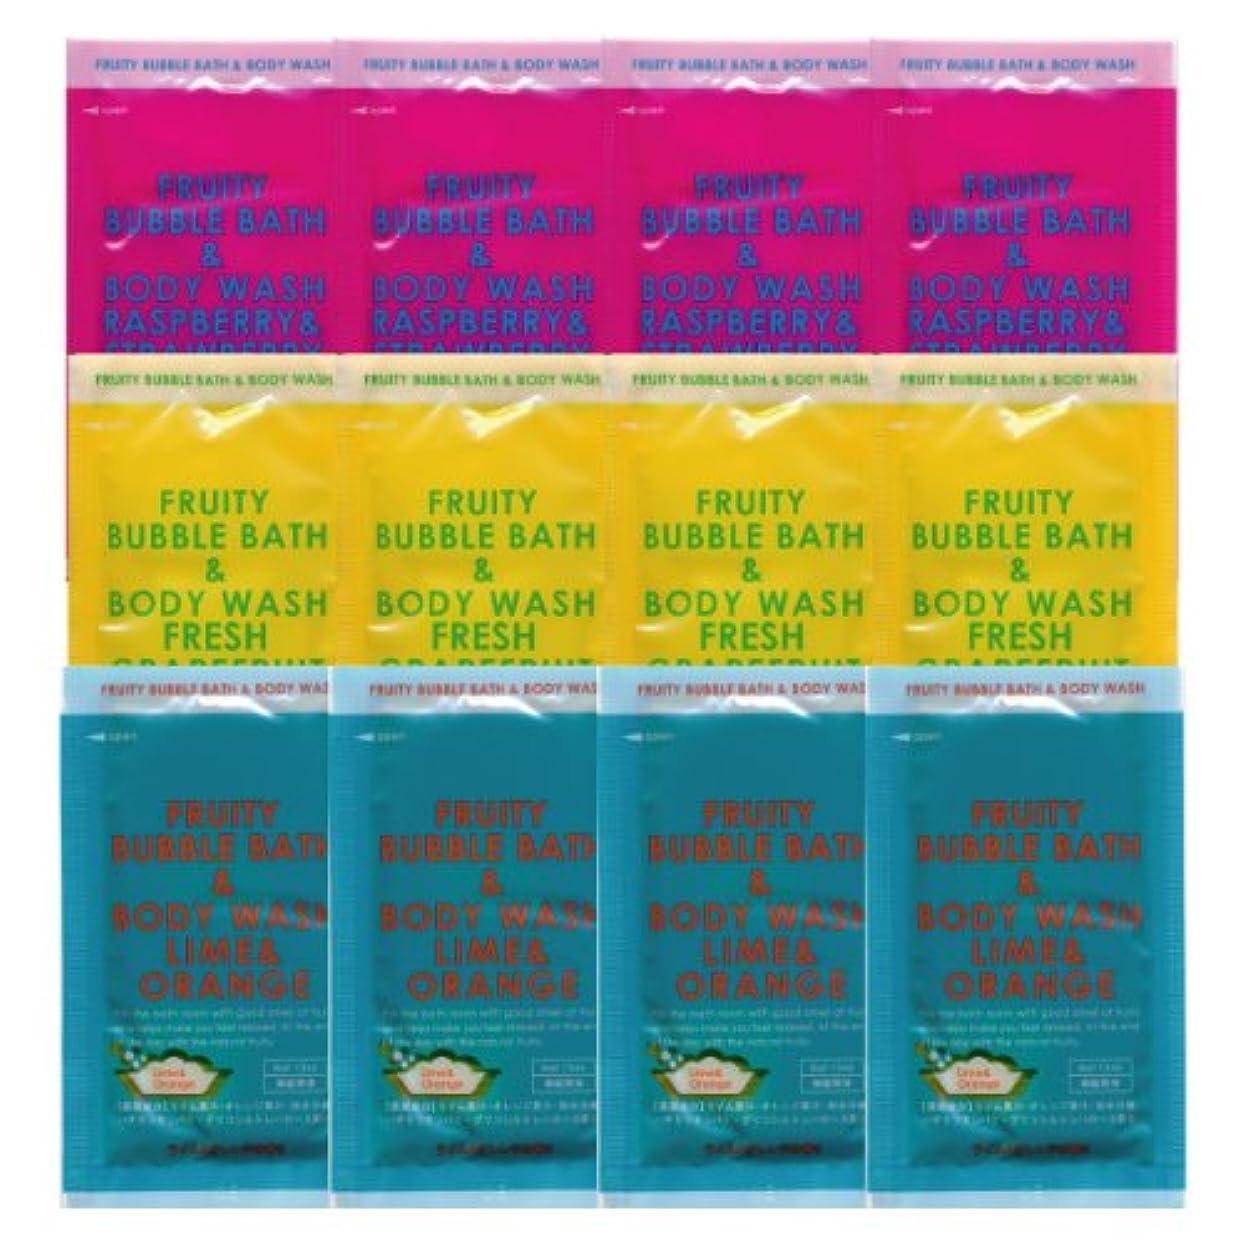 粘液カロリーどこでもフルーティーバブルバス&ボディウォッシュ 3種類×4 12個